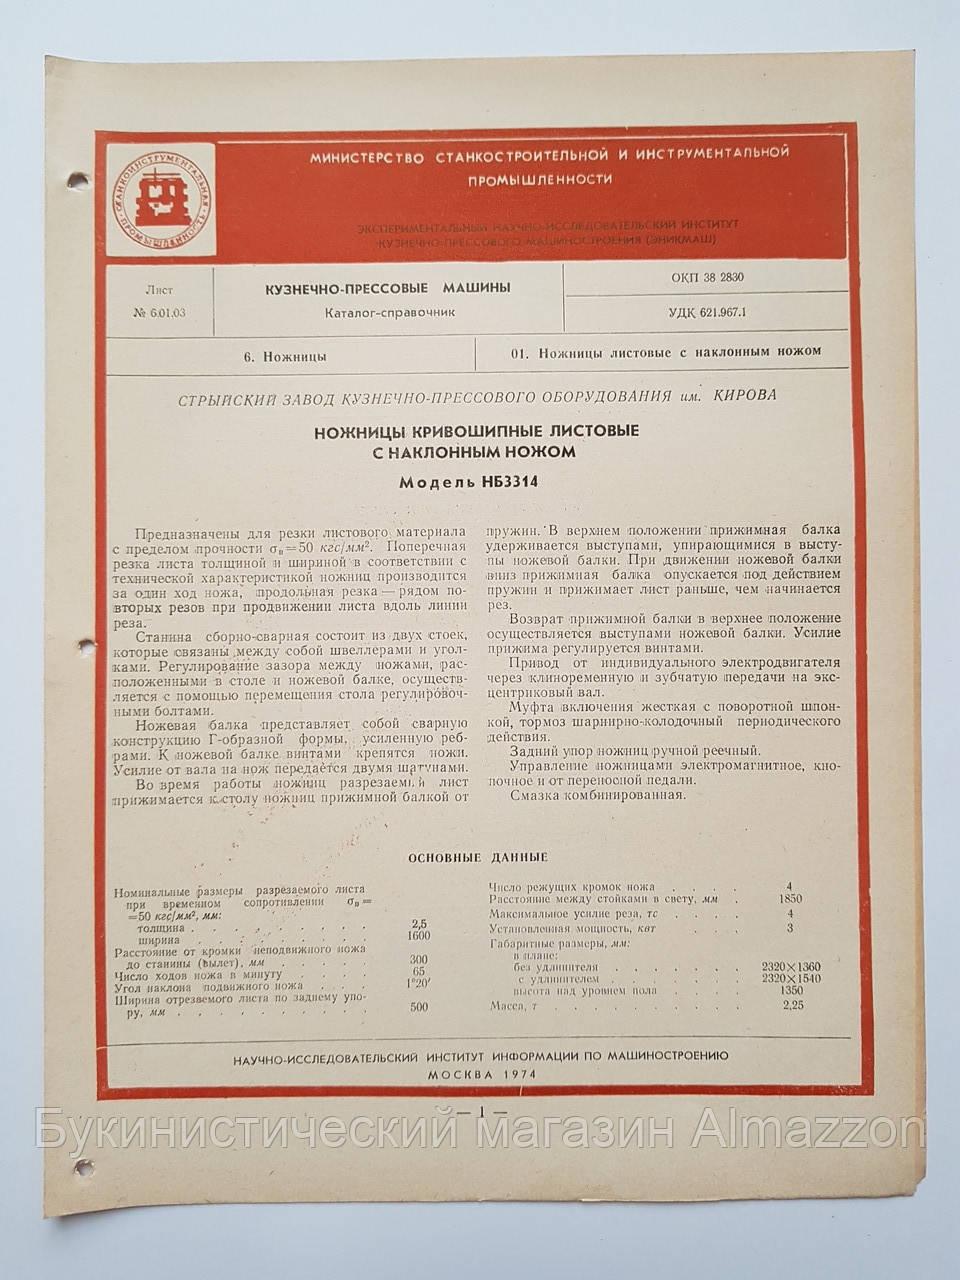 Журнал (Бюллетень) Ножницы кривошипные листовые с наклонным ножом НБ3314 6.01.03